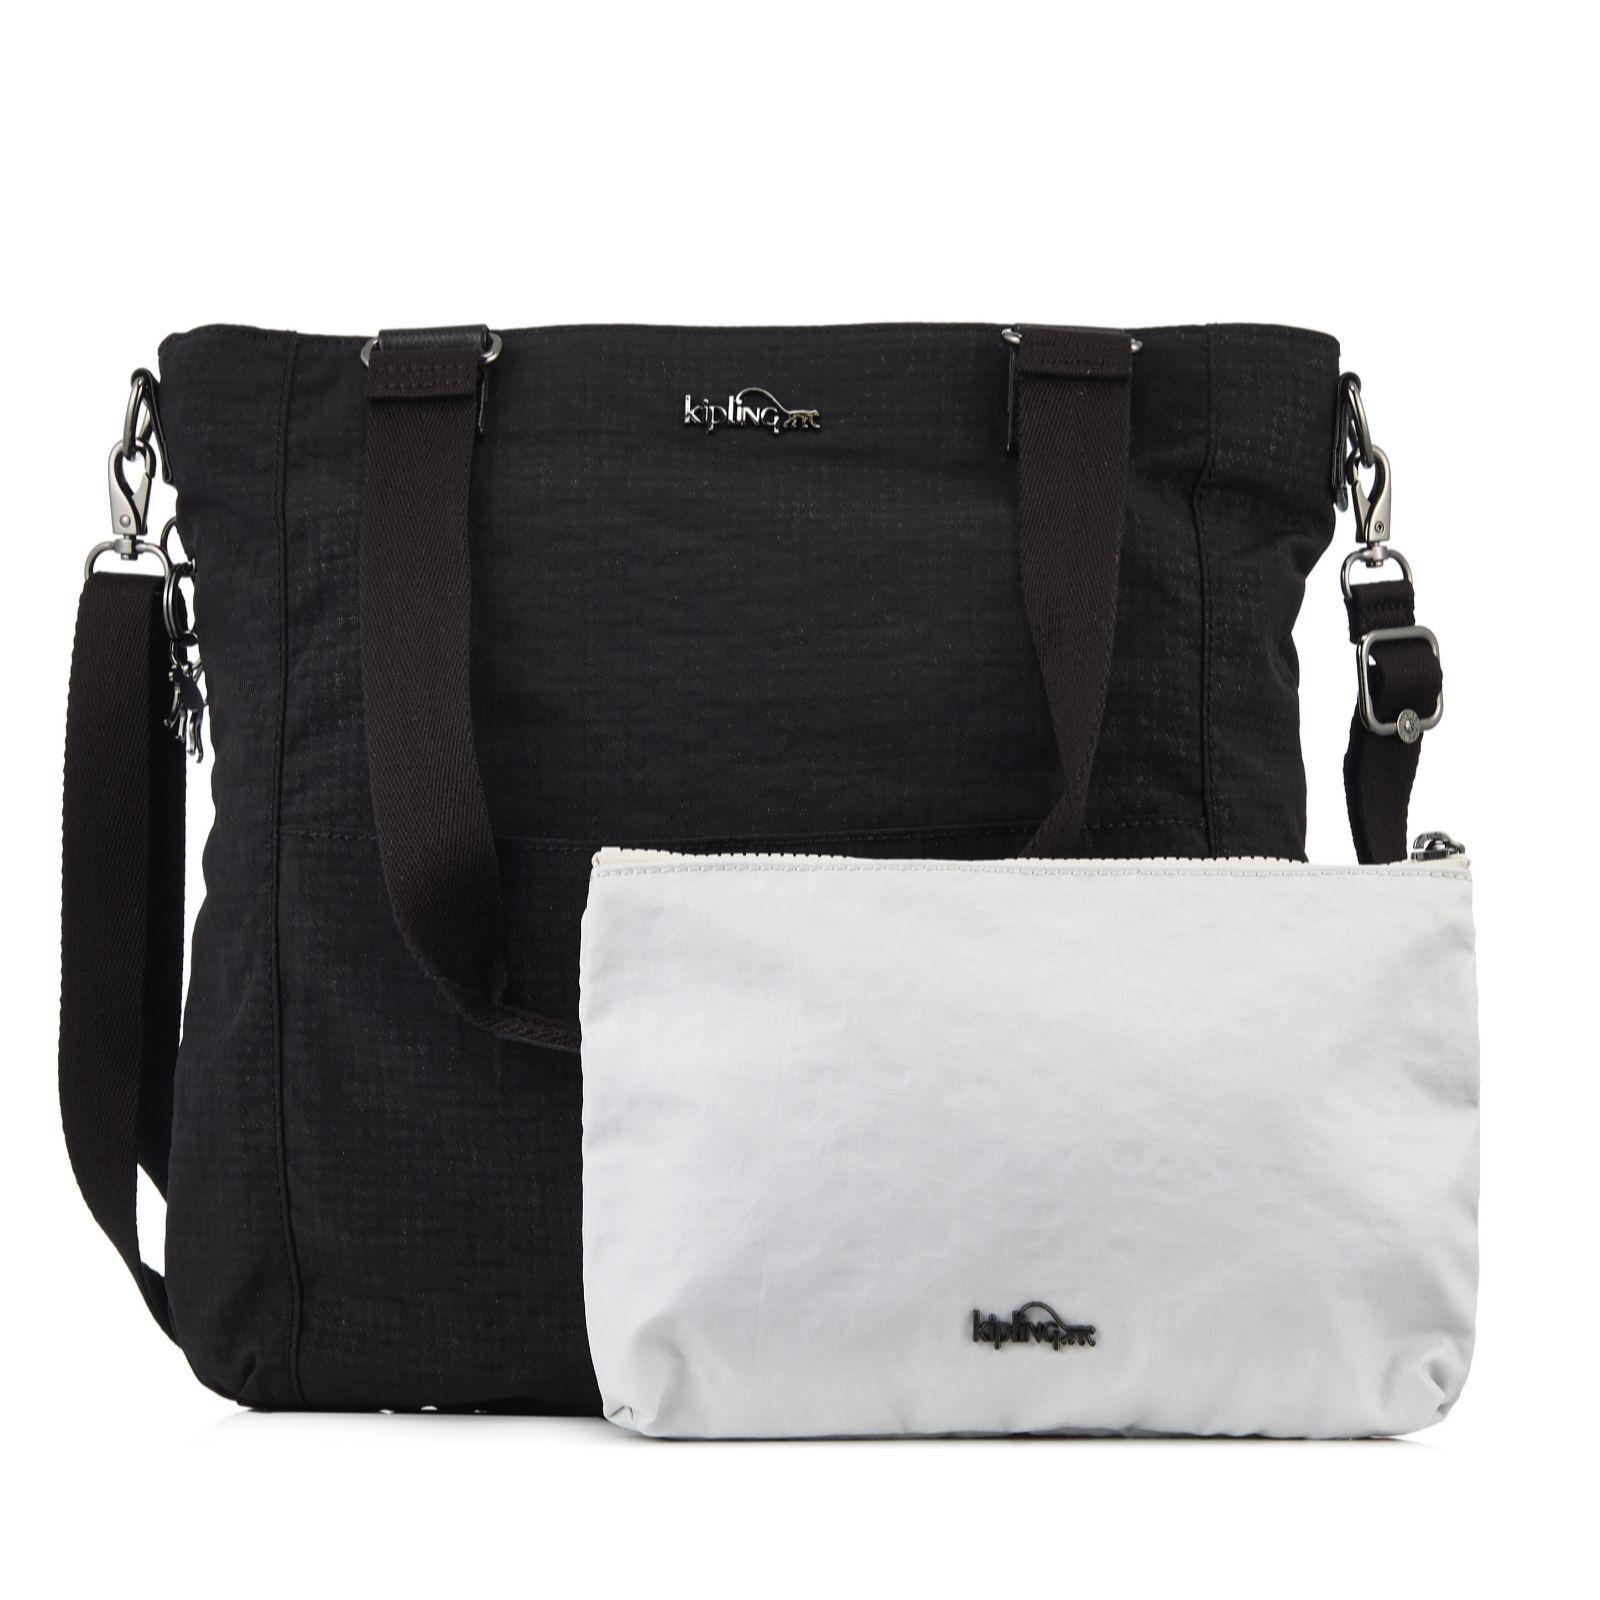 Kipling Marie Francoise Premium Ortoli Large Shoulder Bag Detachable Pouch 161830